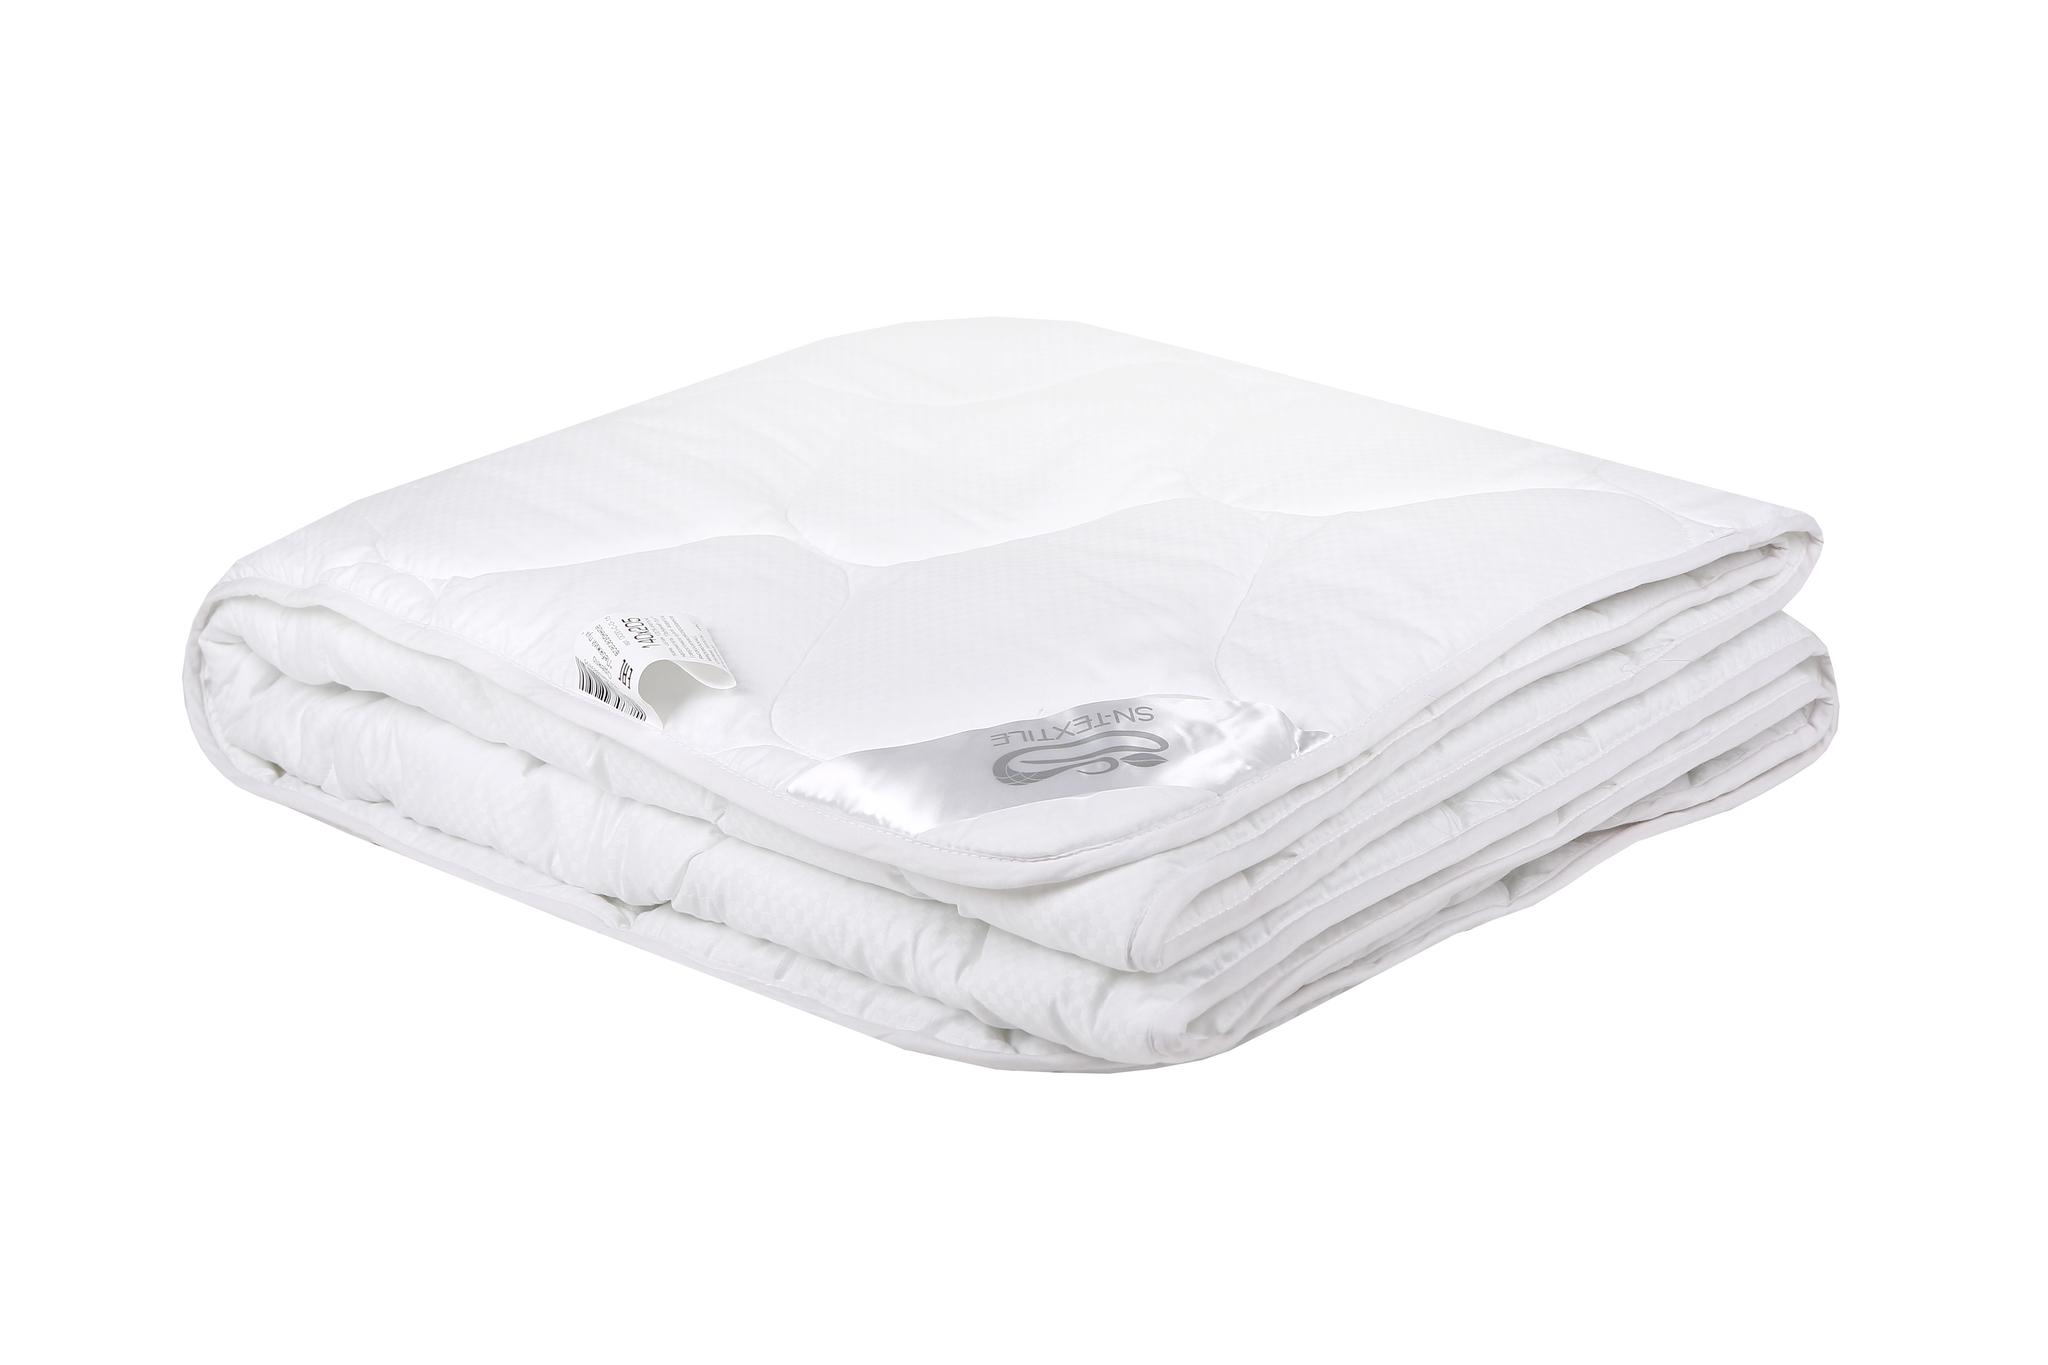 Одеяла и Подушки Одеяло  искусственный  лебяжий пух  в сатине всесезоннее. Одеяло_Леб._пух_в_сатине_всесез.JPG